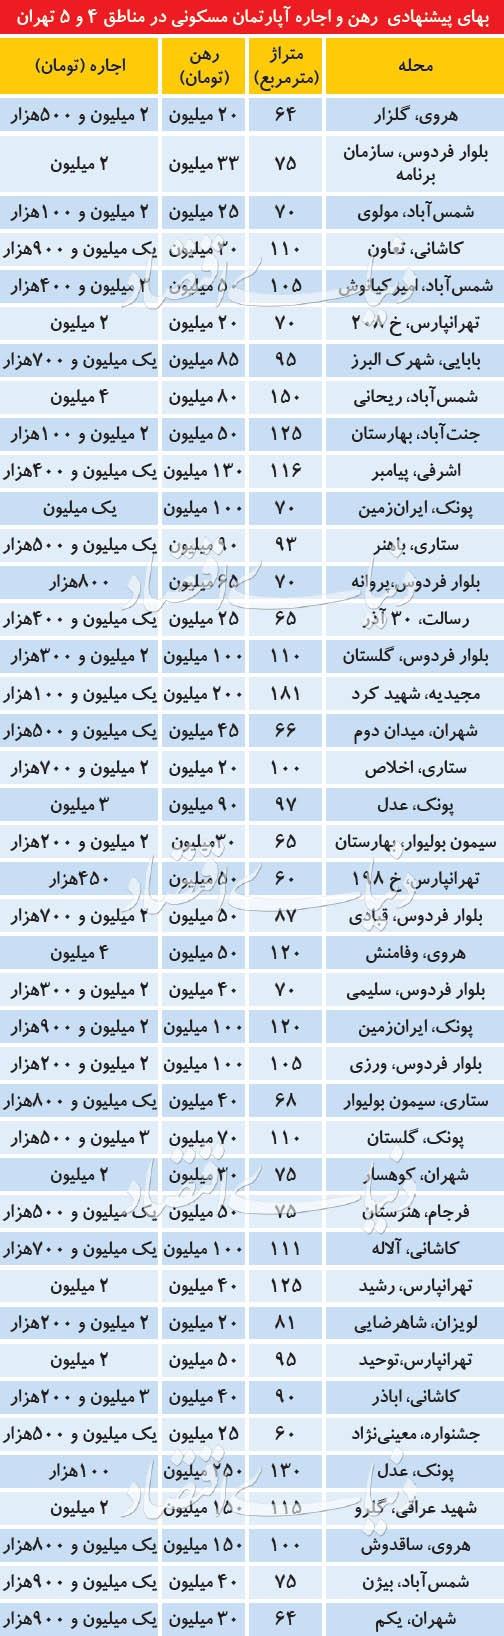 قیمت اجاره خانه در دومنطقه پرمستاجر تهران